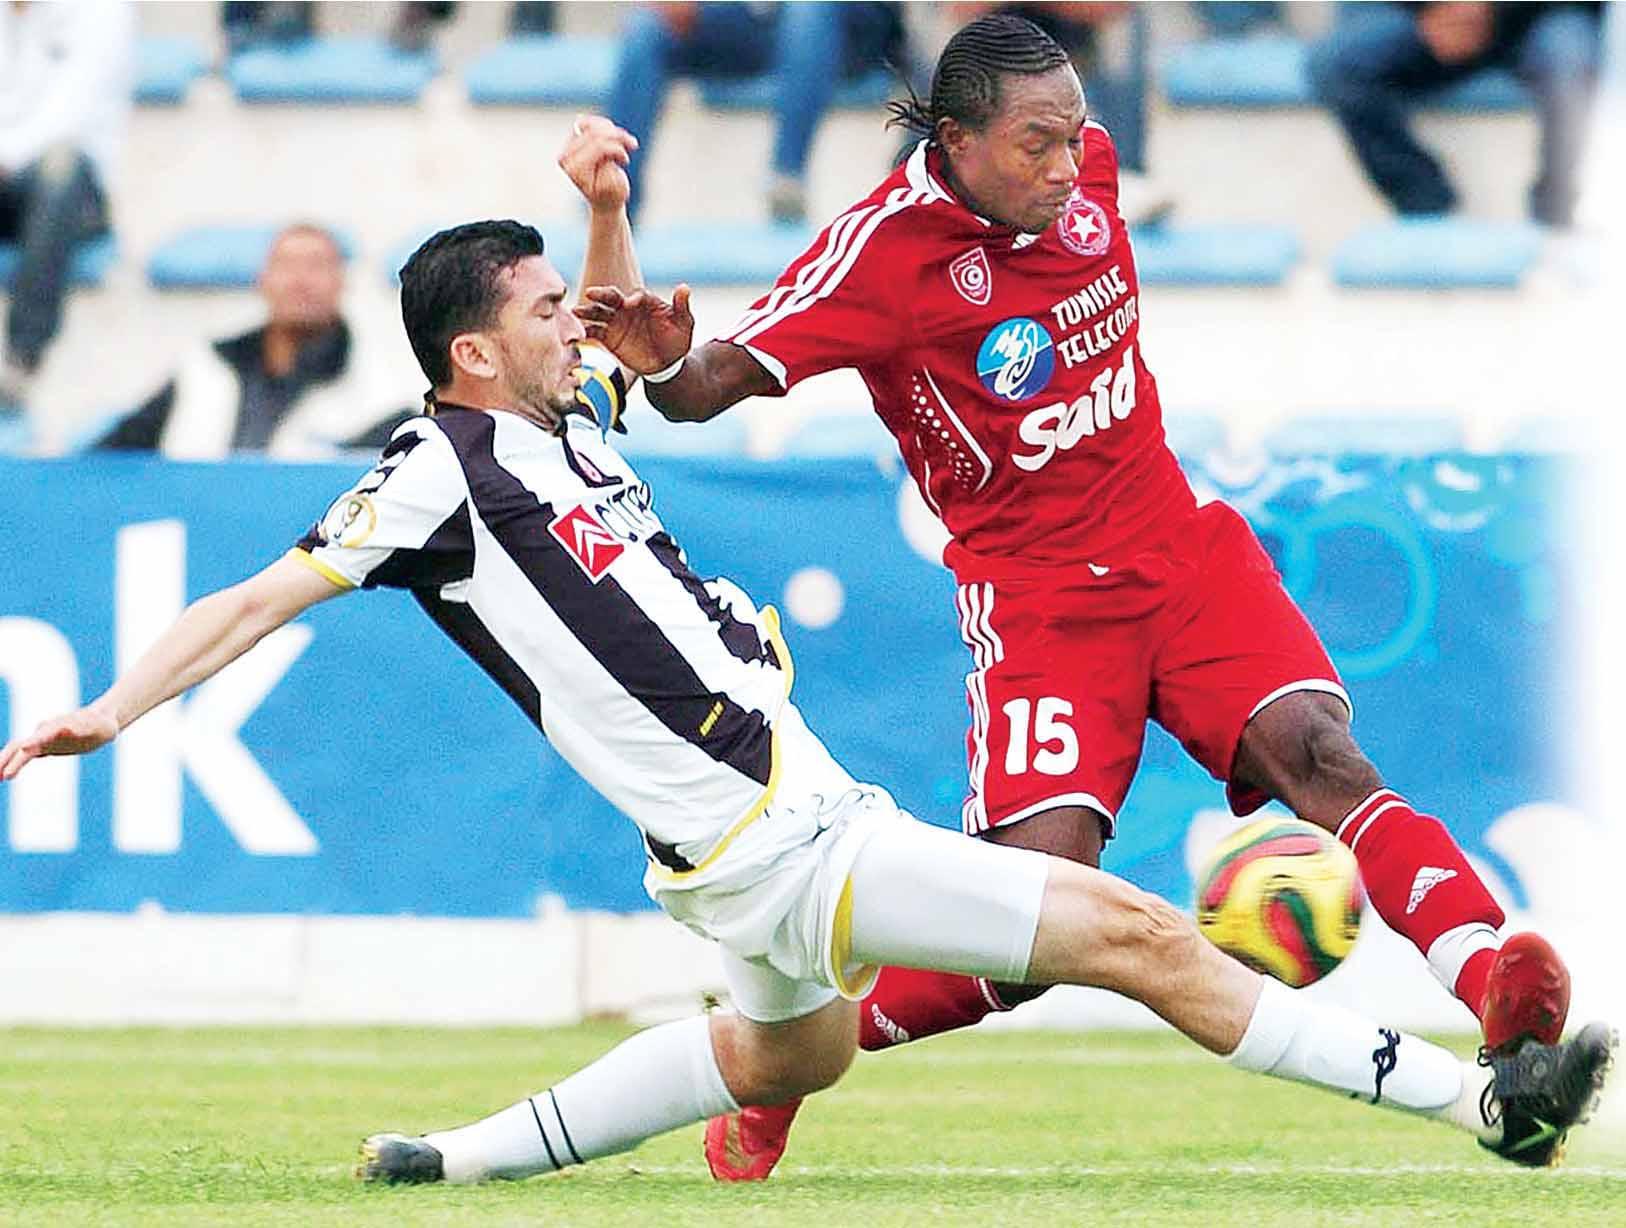 الافريقي يحرز أول فوز بالدوري التونسي و النجم و الصفاقسي يتعادلان سلبيا